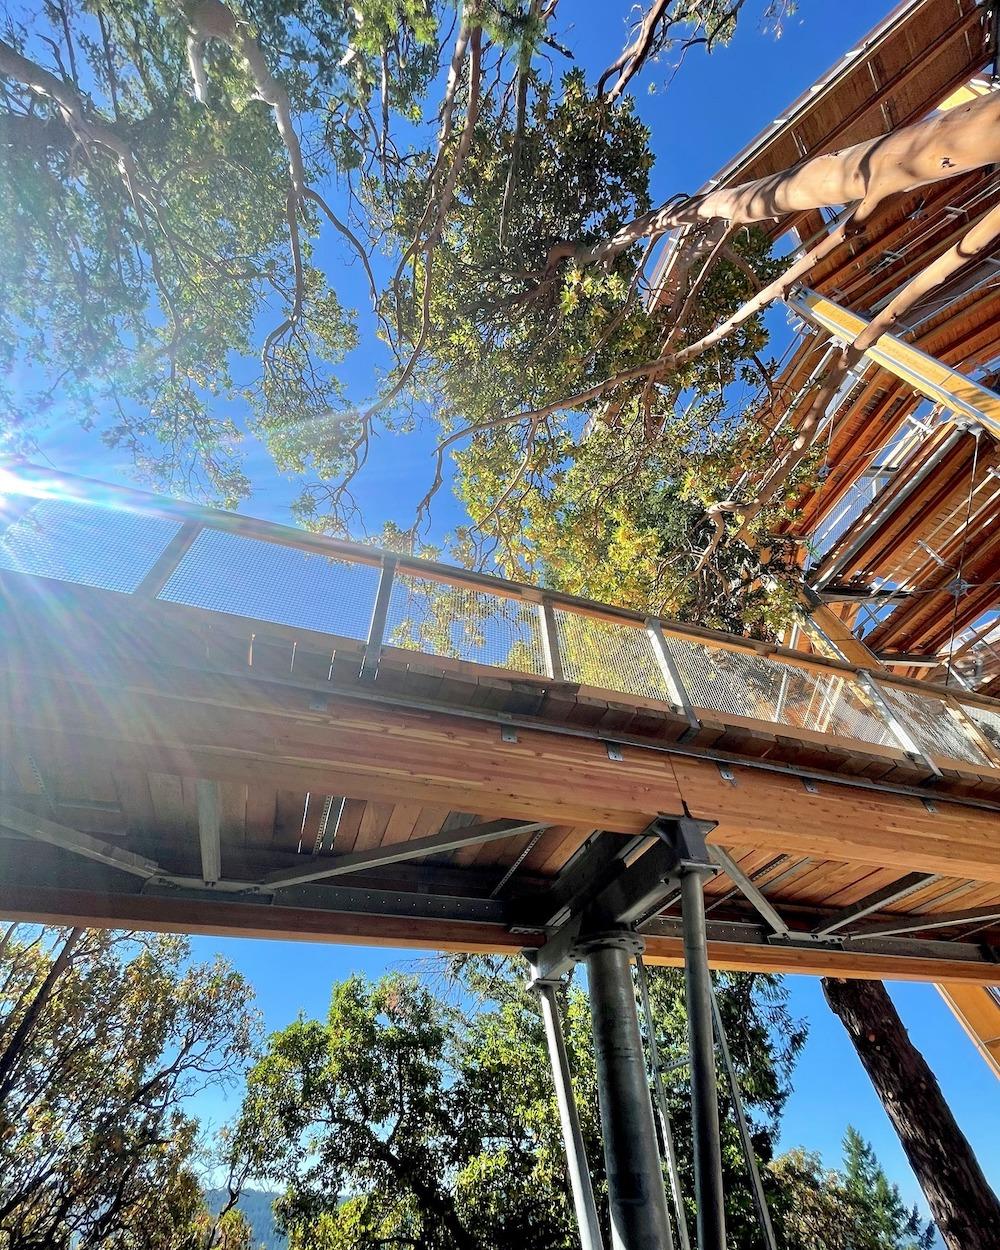 malahat skywalk construction